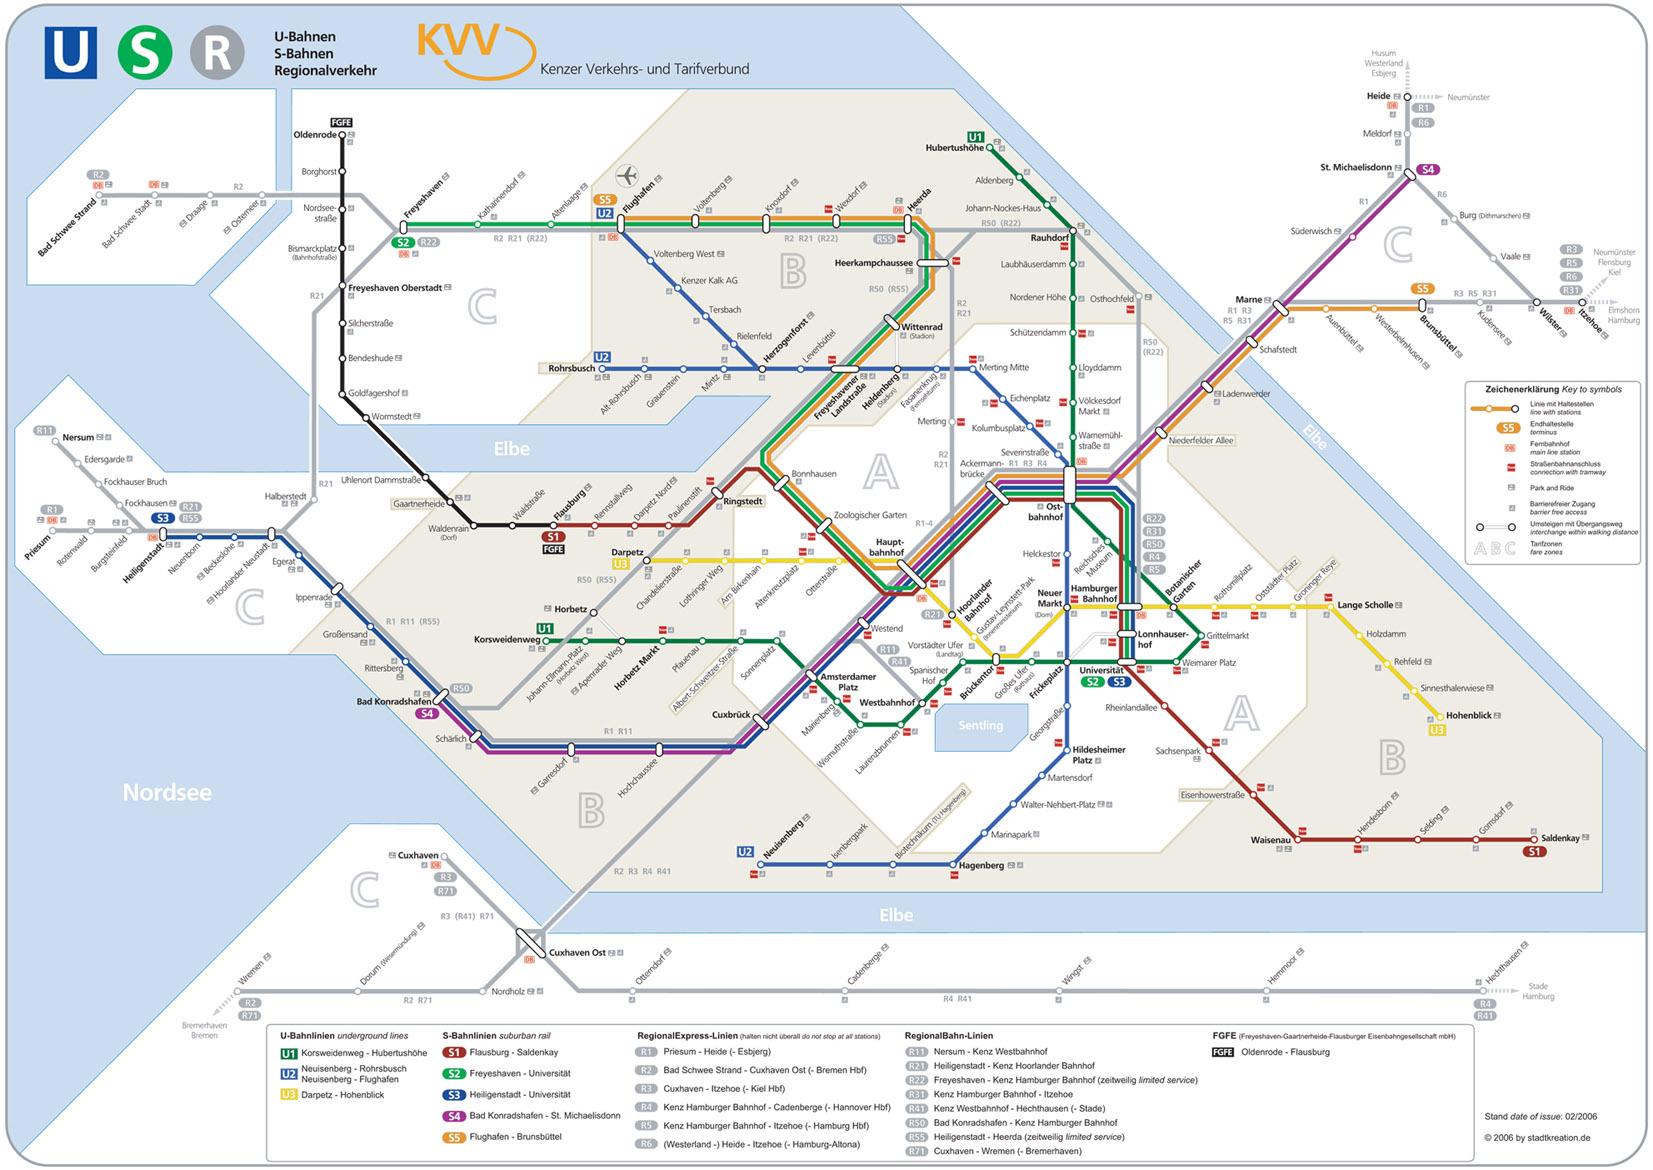 Kenz network map